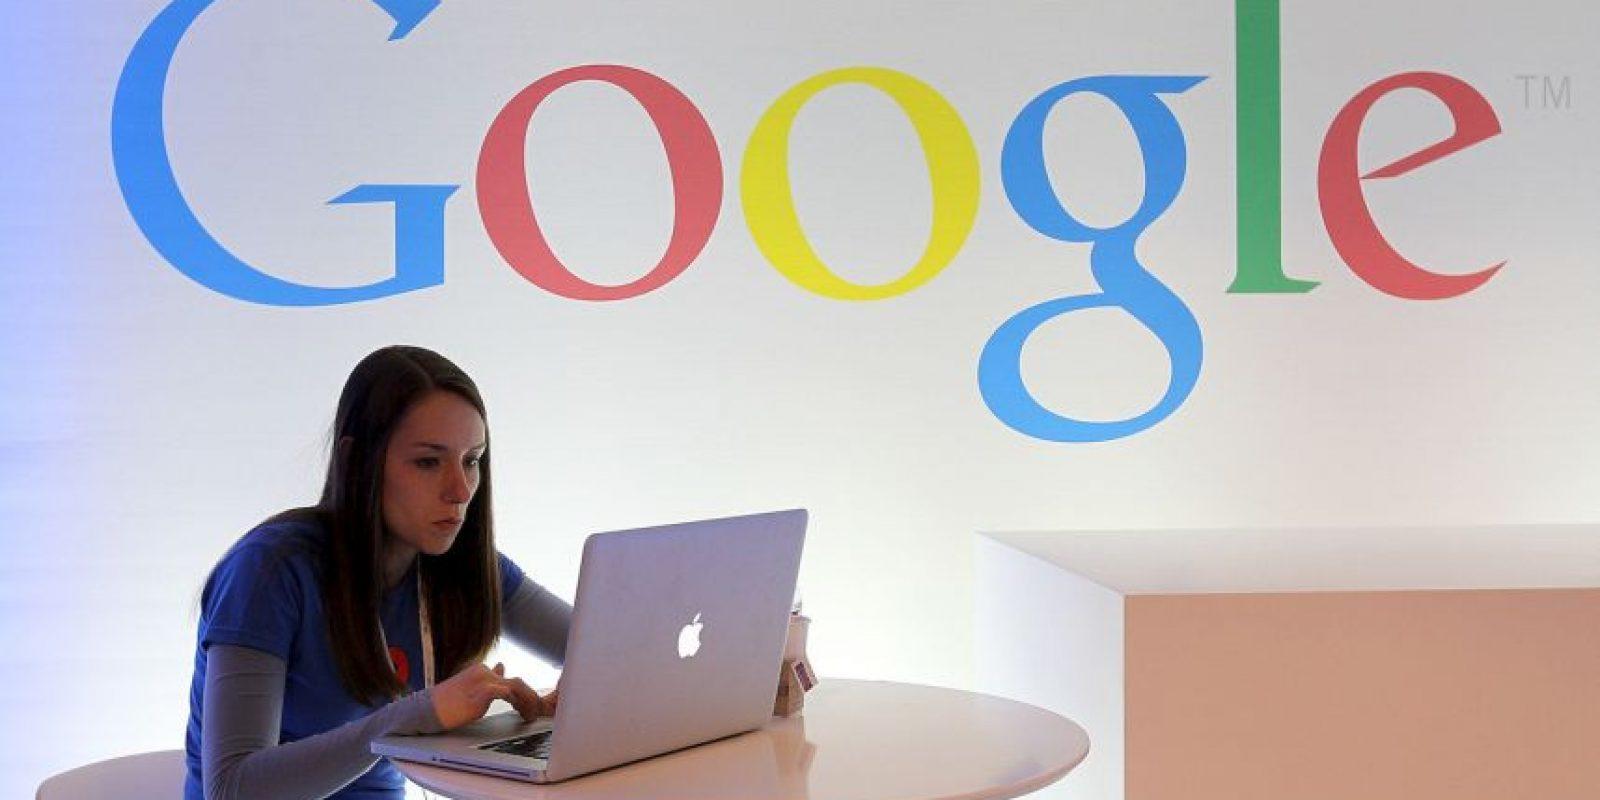 Google recibe el 65,4% de las visitas orientadas a realizar búsquedas en Internet. Microsoft Bing, por su parte, tan sólo obtiene el 10% Foto:Getty Images